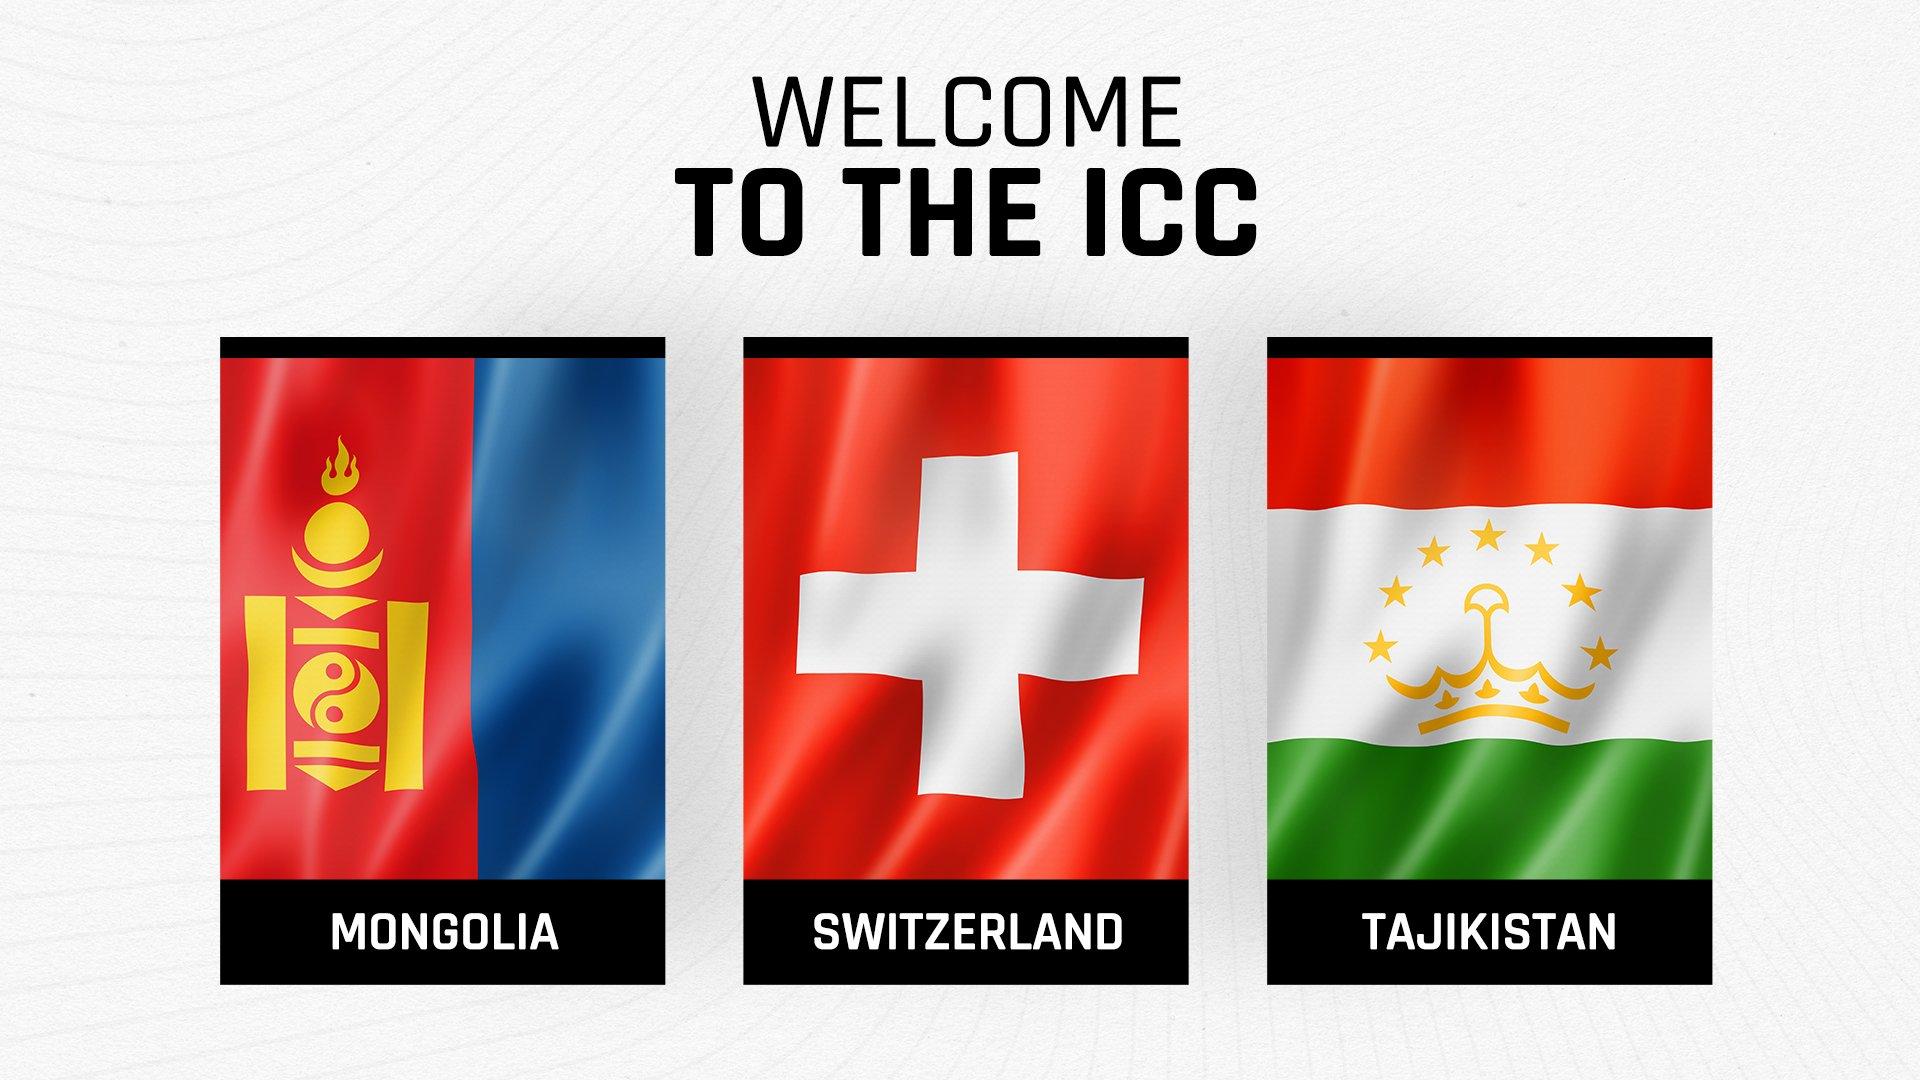 আইসিসির সদস্যপদ পেলো তিন দেশ |ক্রিকেটখোর